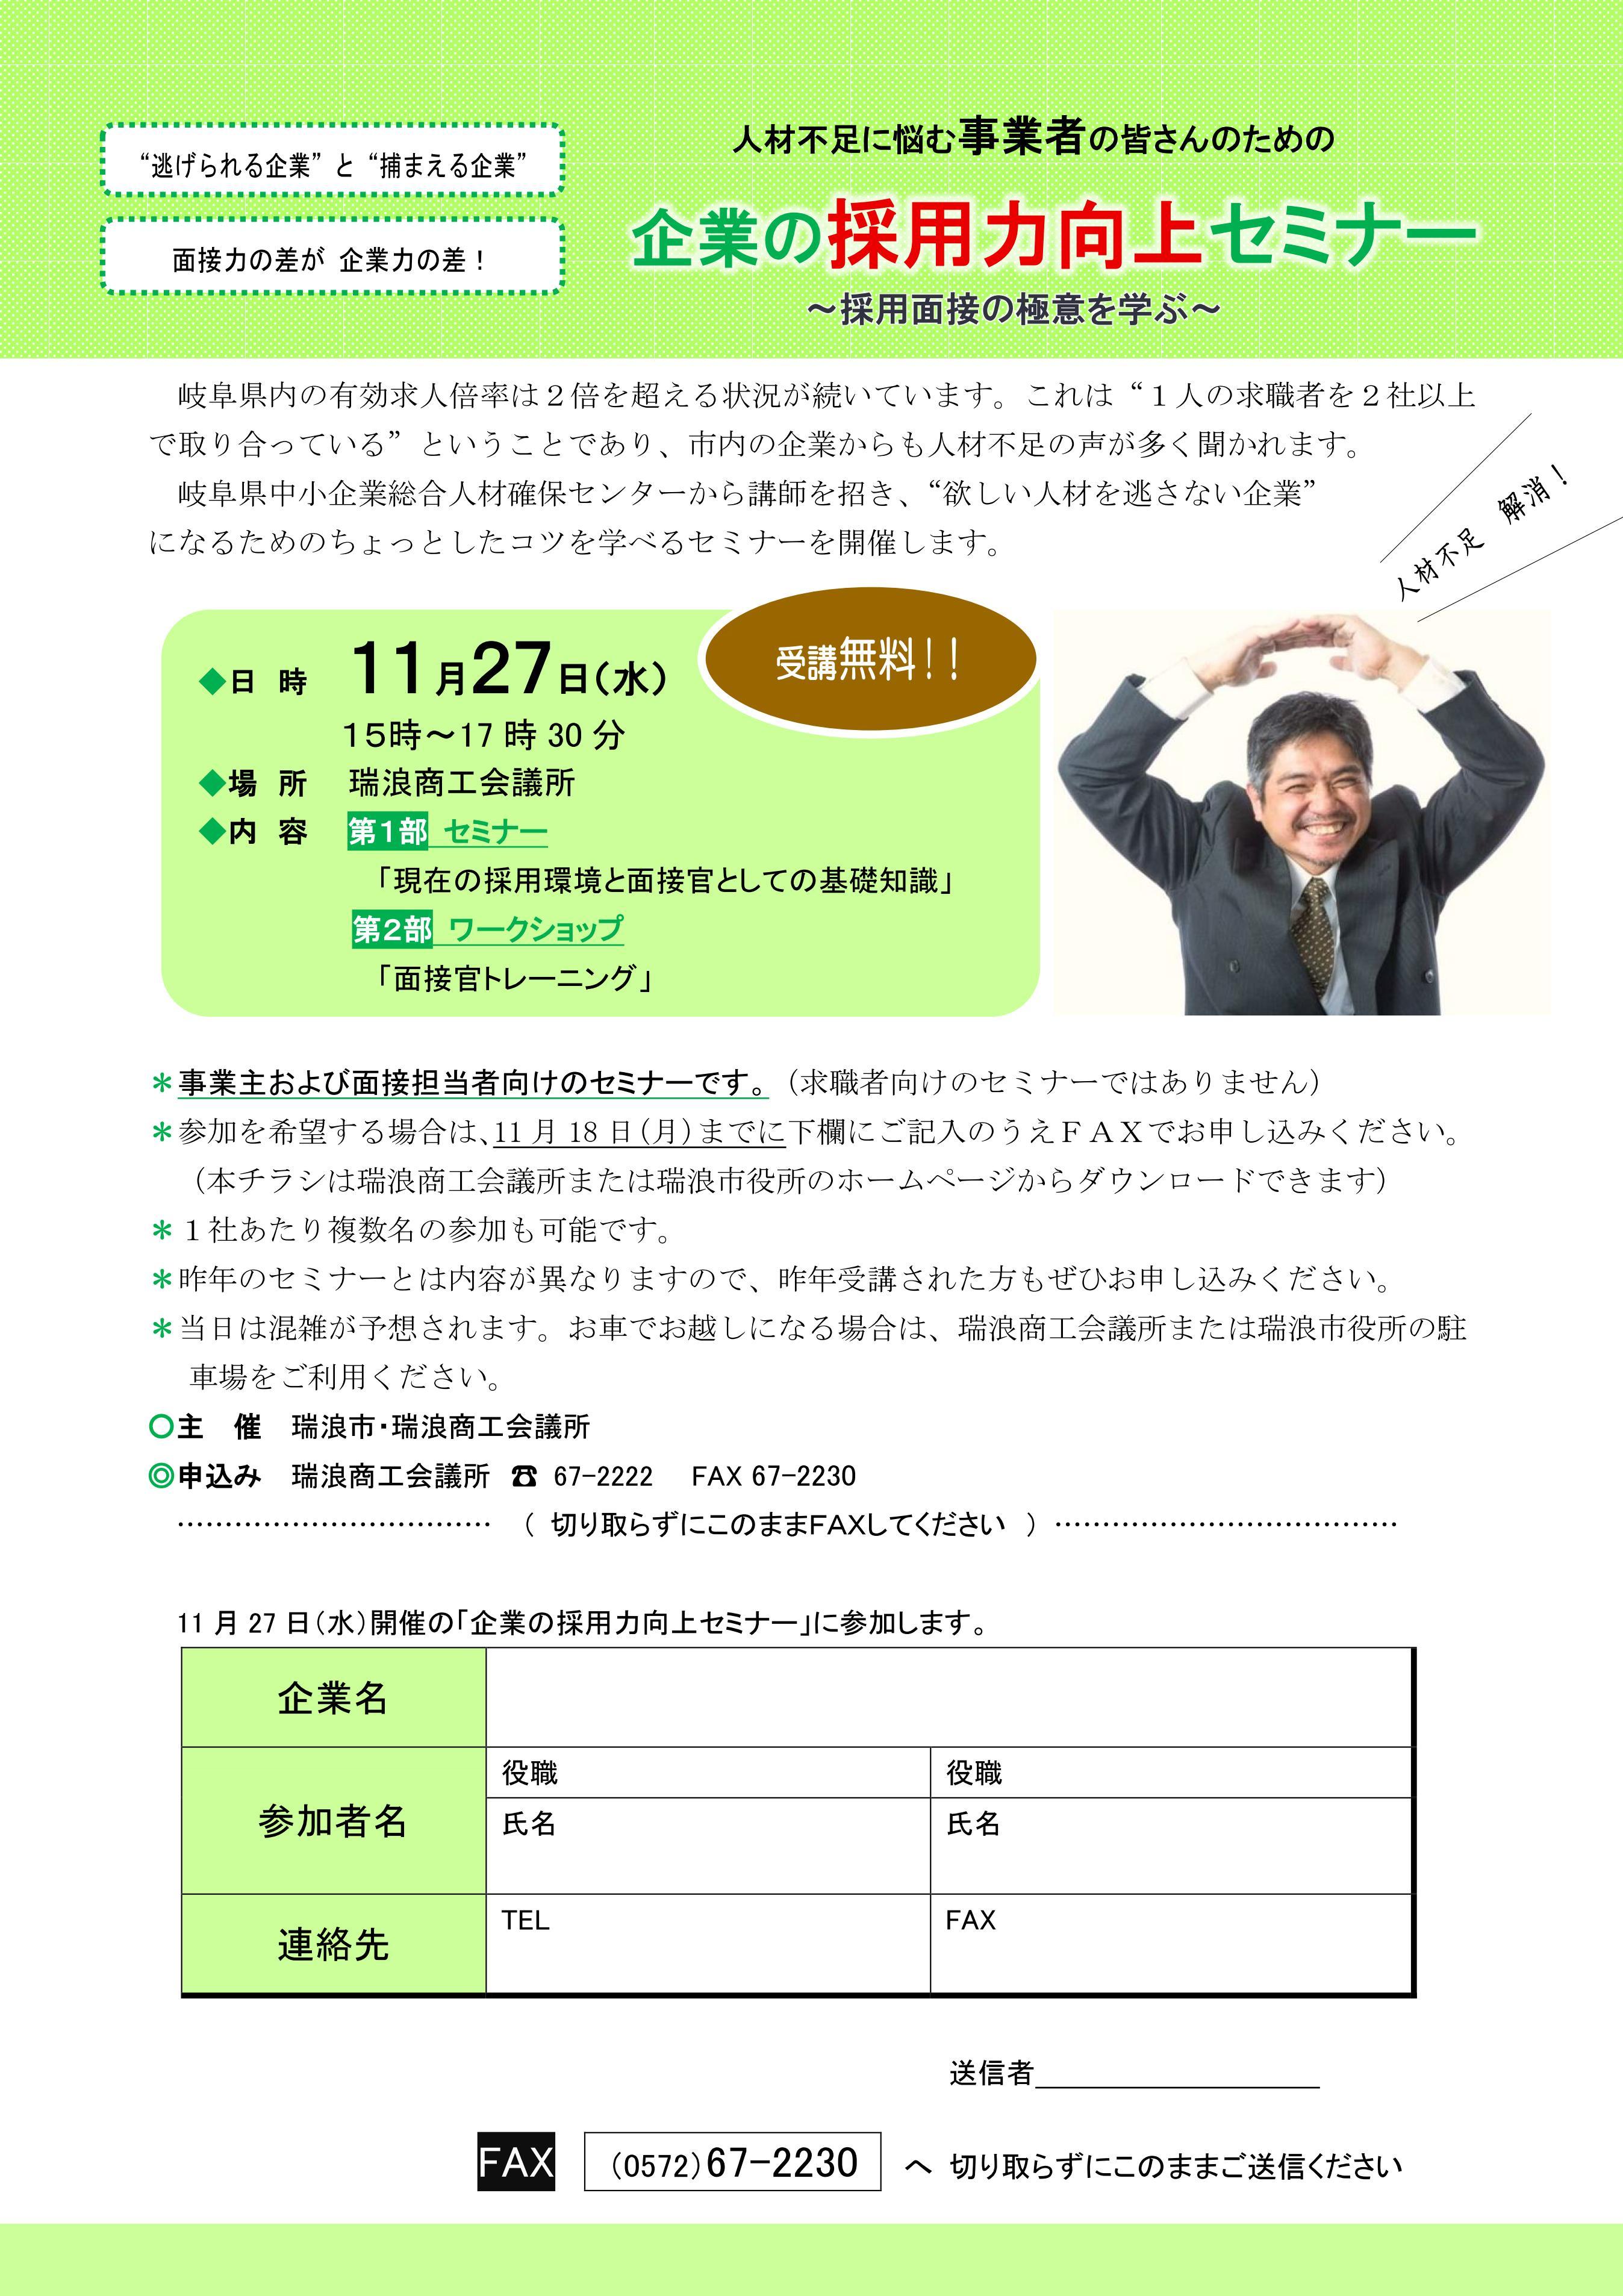 【セミナー】企業の採用力向上セミナー